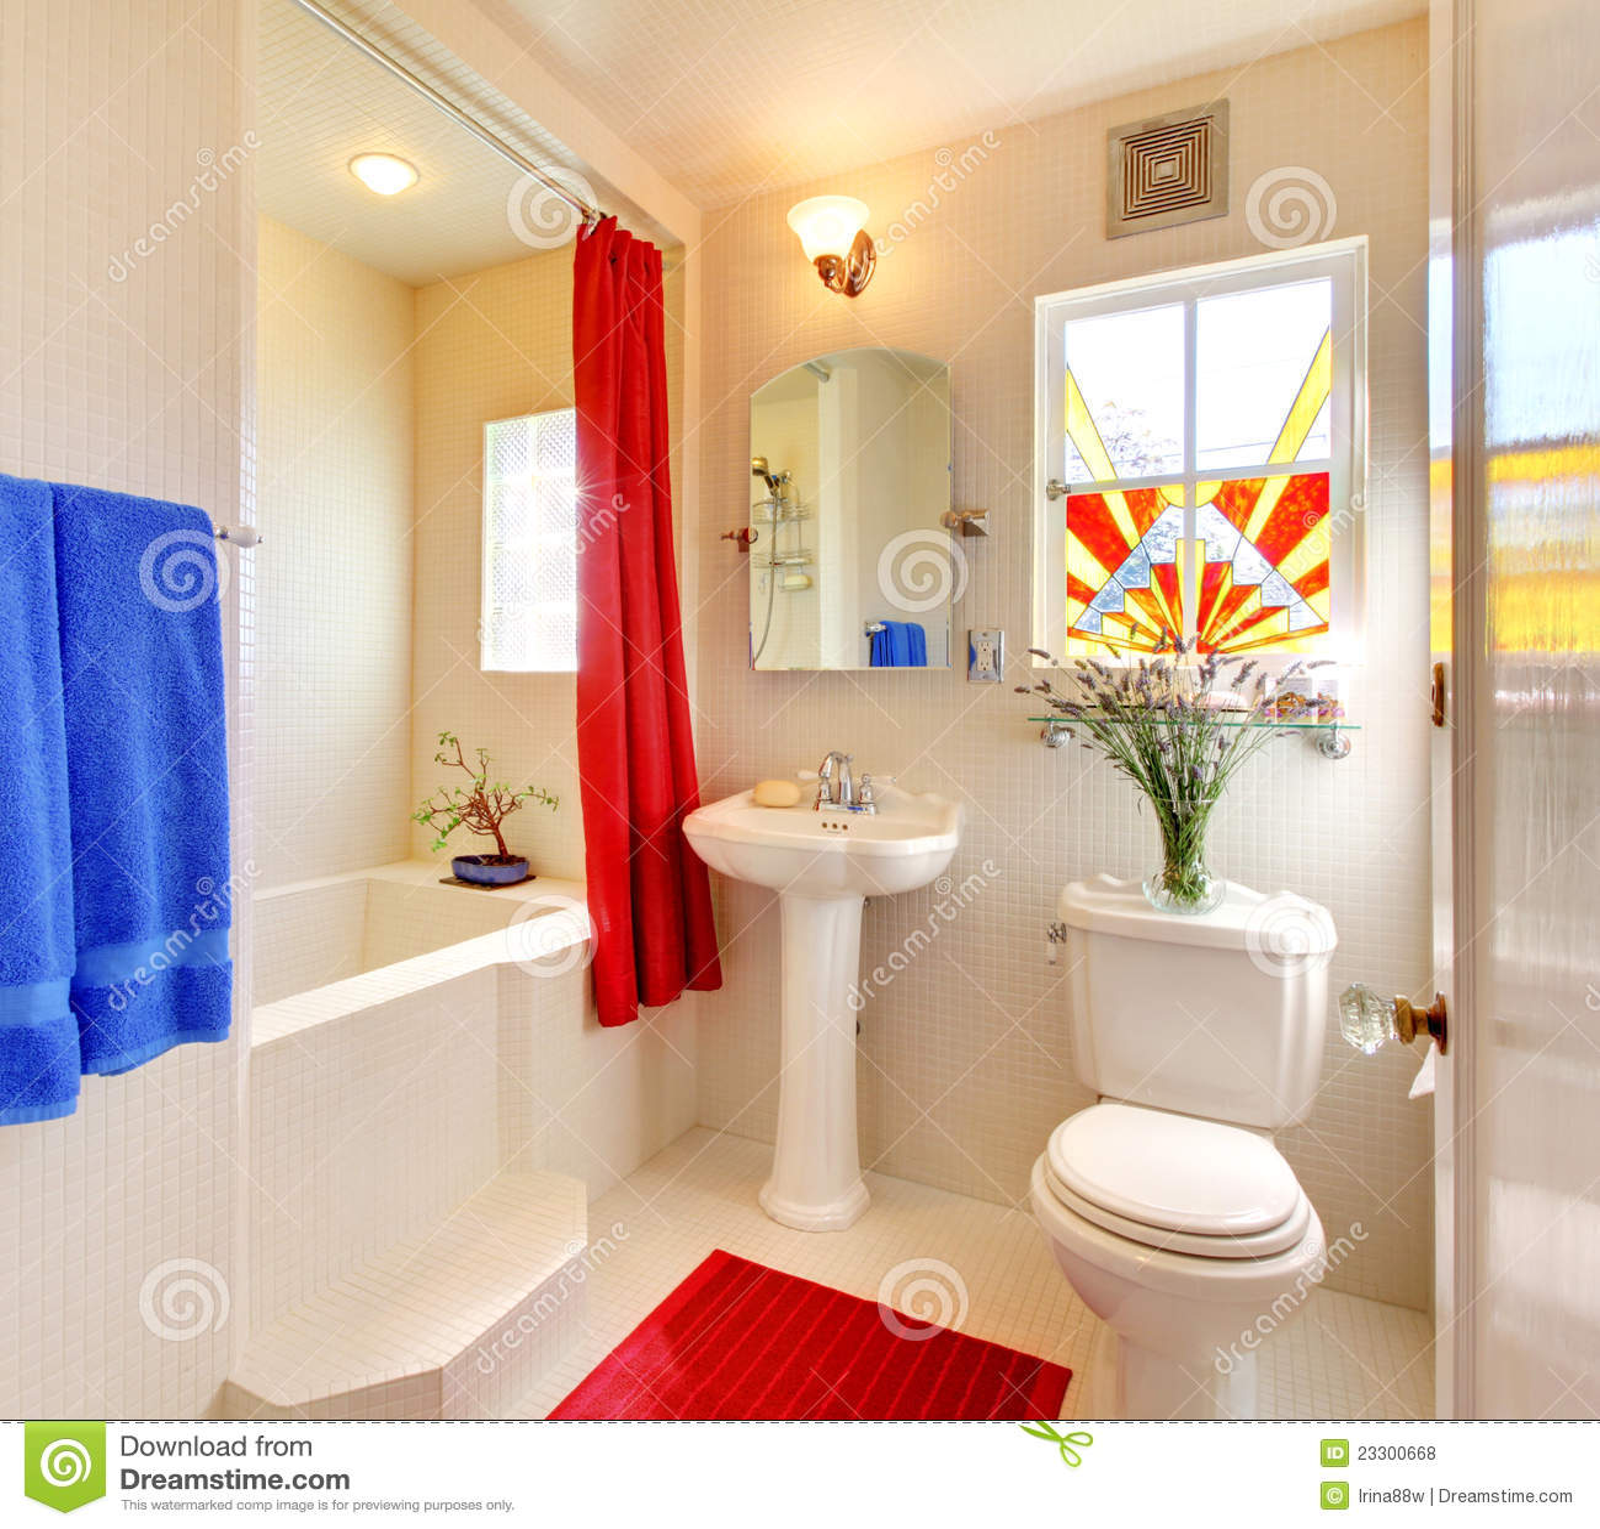 Banheiro Bonito Branco E Vermelho Moderno. Fotos de Stock Royalty Free  #8D0D08 1300x1259 Banheiro Bonito